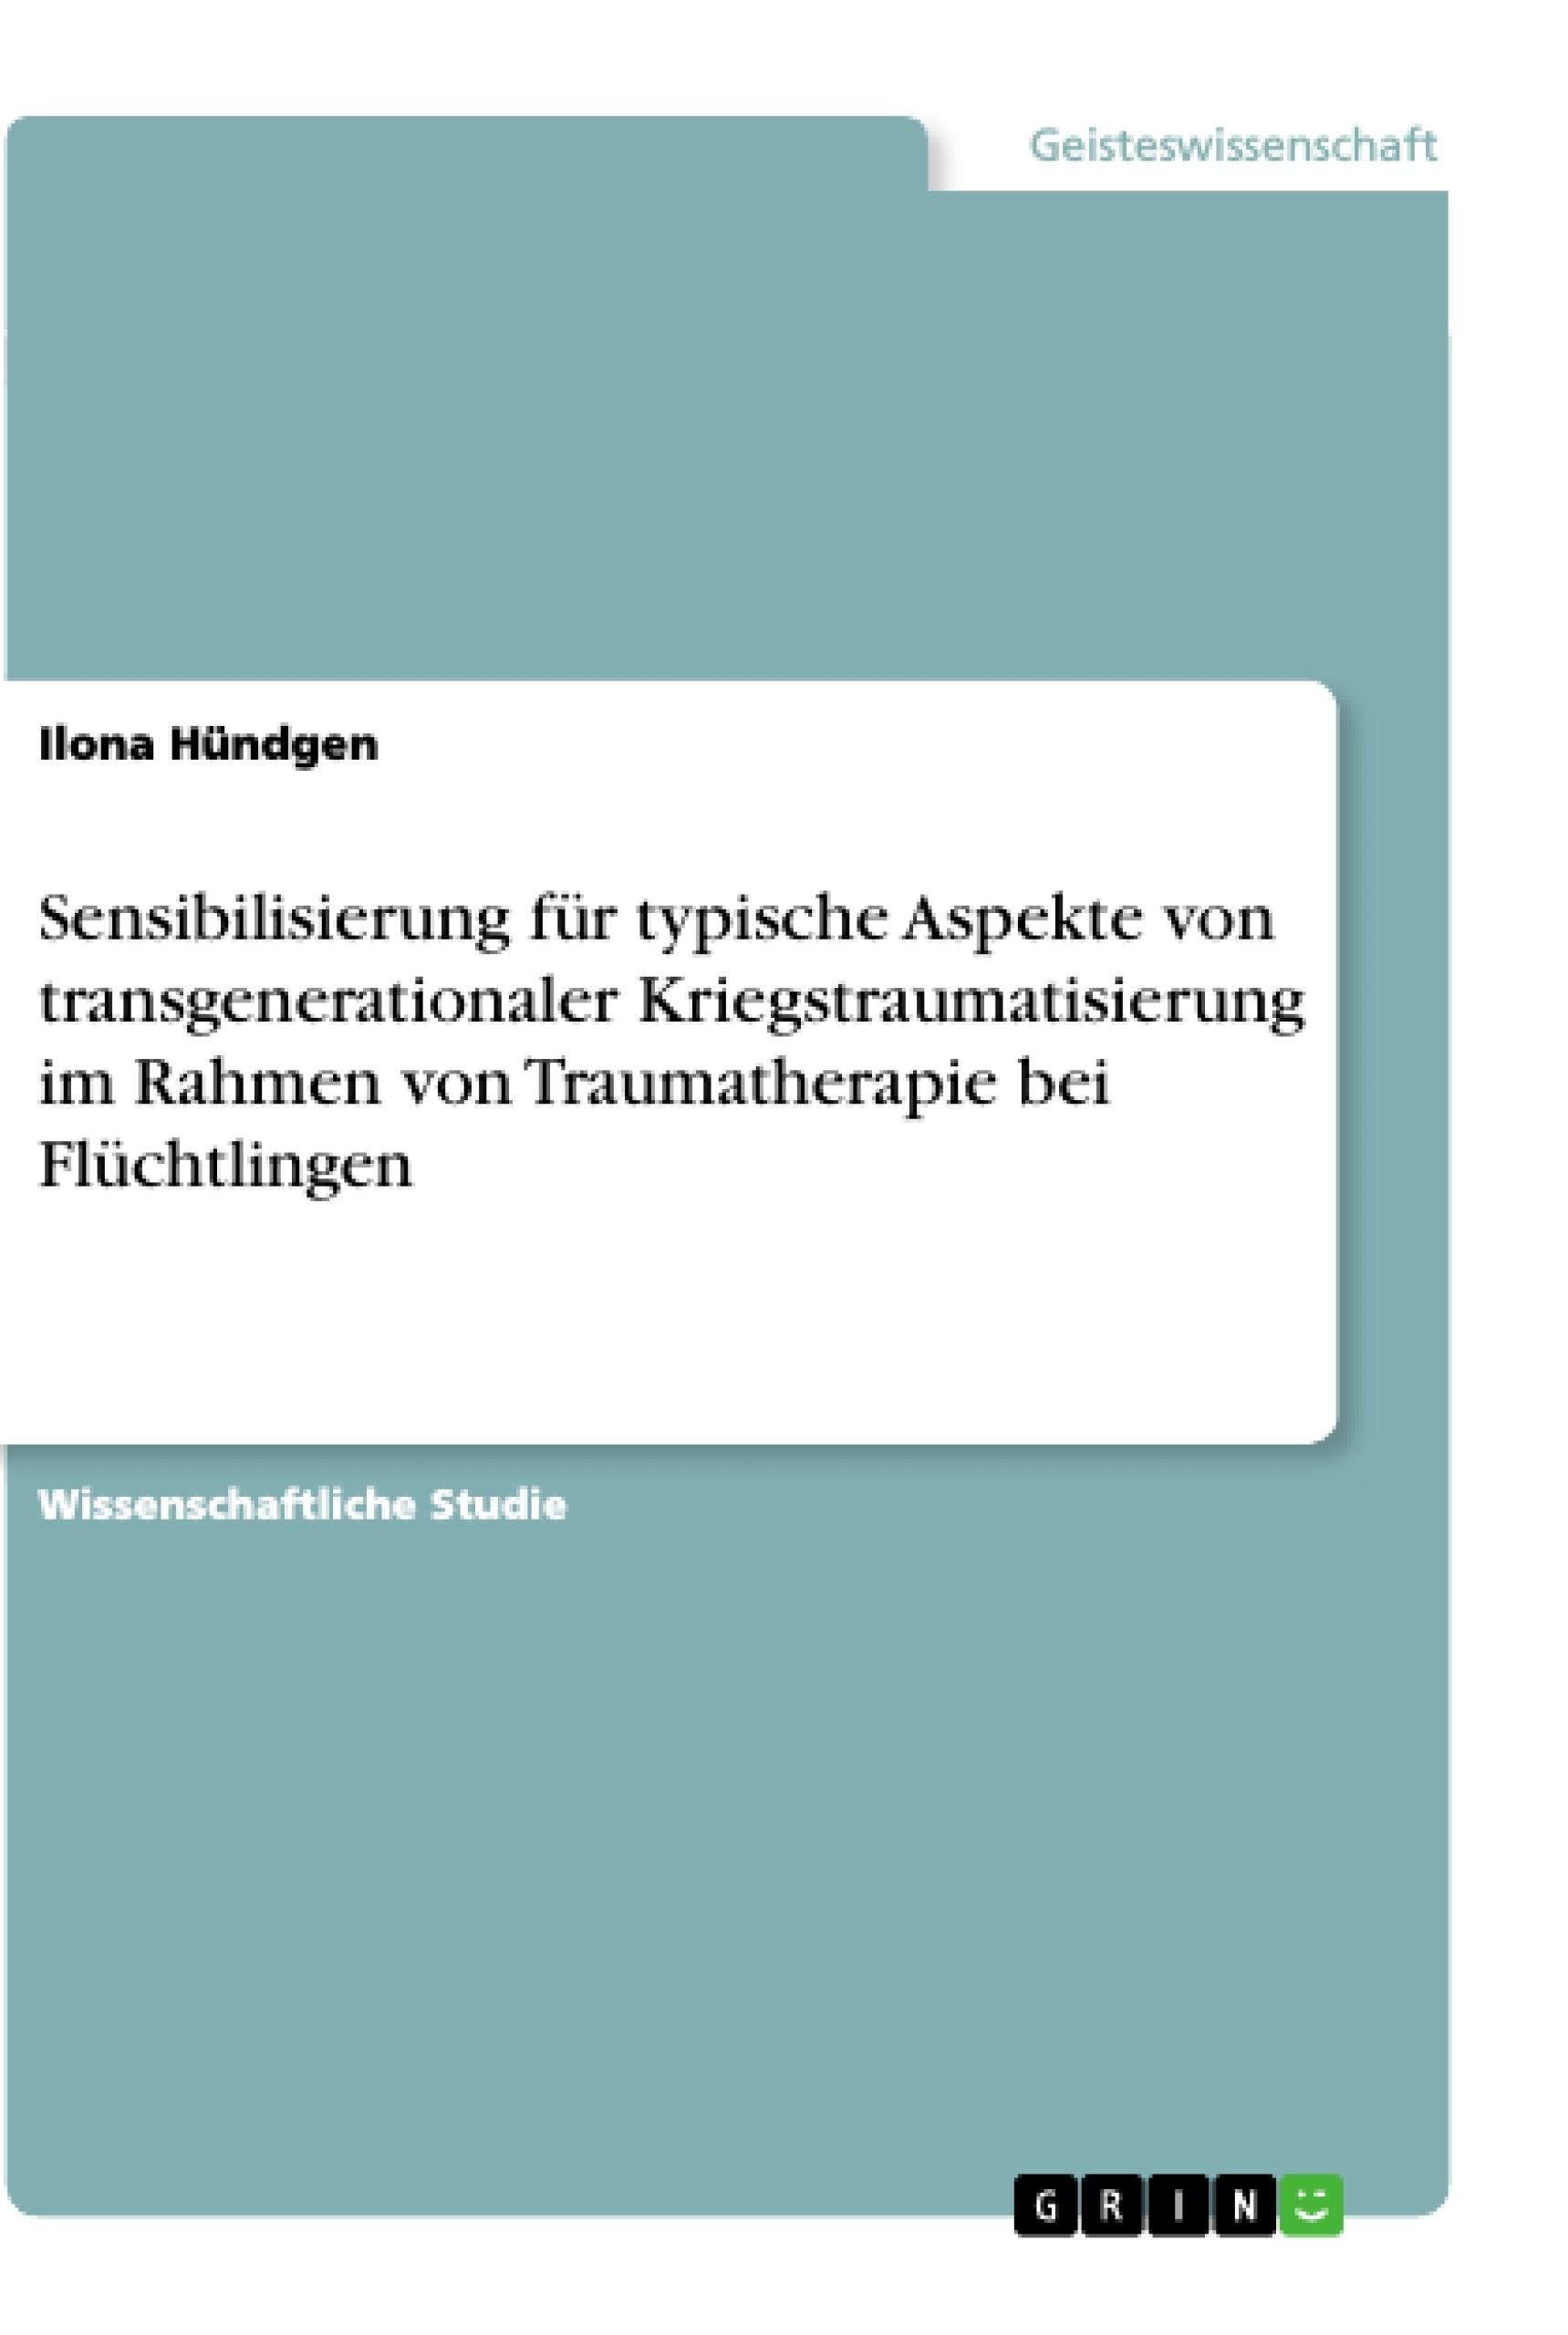 Titel: Sensibilisierung für typische Aspekte von transgenerationaler Kriegstraumatisierung im Rahmen von Traumatherapie bei Flüchtlingen